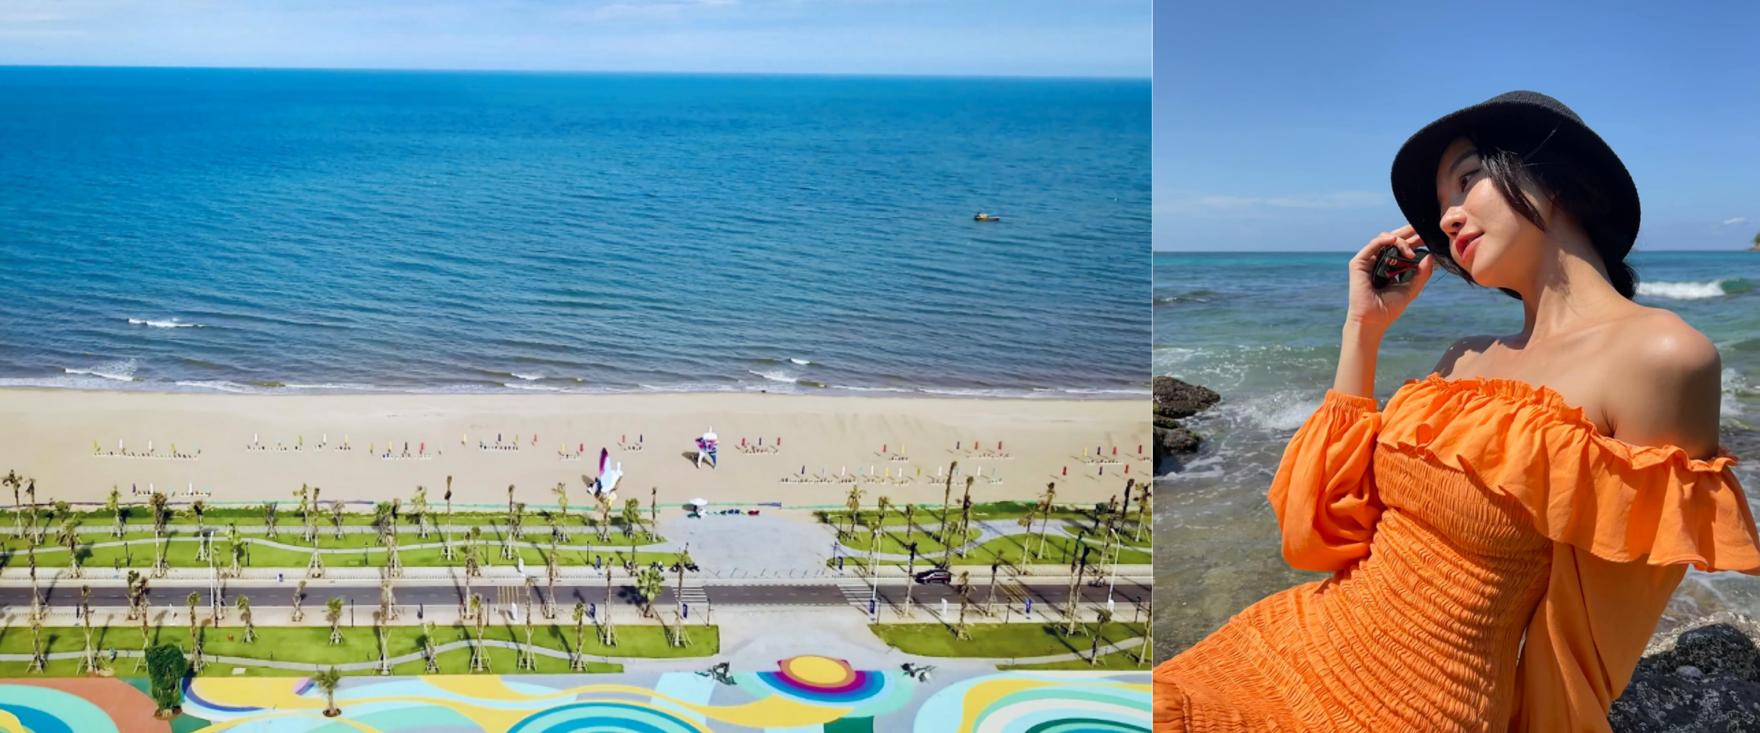 Công viên biển Bikini Beach 16 ha tại NovaWorld Phan Thiet là một trong những tiện ích Kiều Ngân mong sớm trải nghiệm. Cô mơ được hít thở bầu không khí trong lành tại vùng biển nắng ấm, cùng tận hưởng những giây phút tuyệt vời sau hơn 2 tháng chưa gặp bạn bè. Ảnh thực tế dự án và Facebook Kiều Ngân.